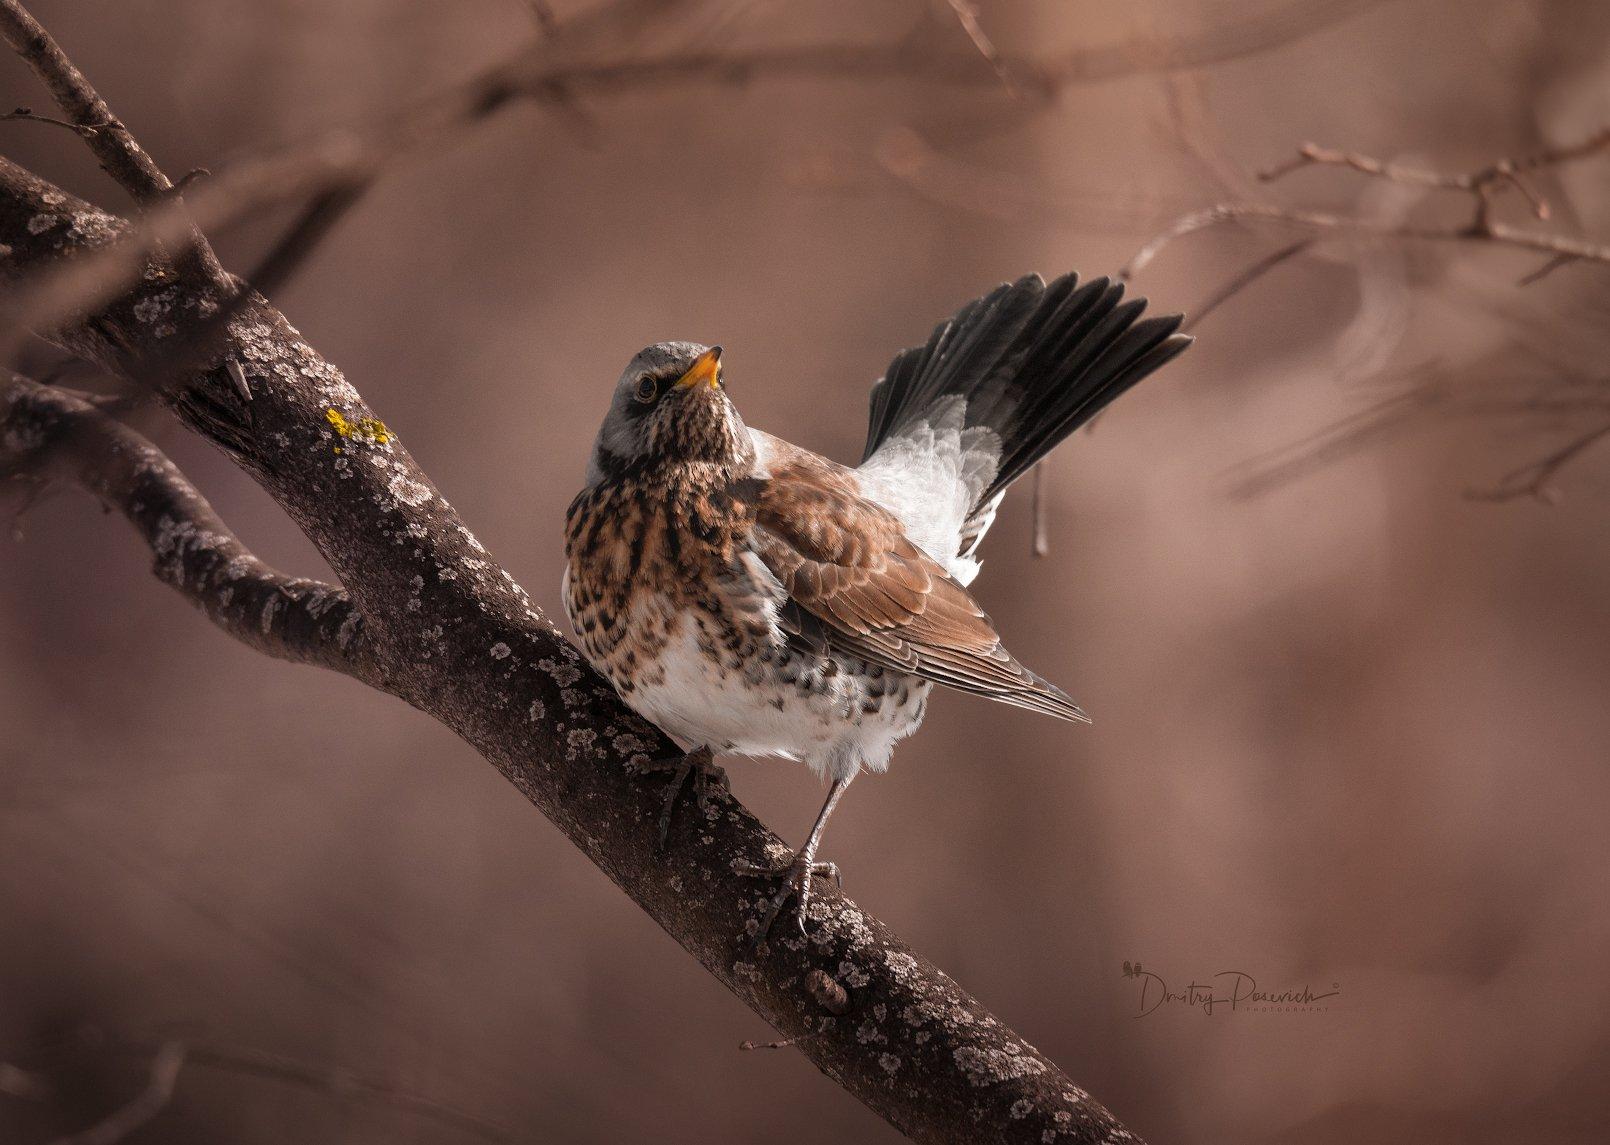 природа, лес, поля, огороды, животные, птицы, макро, Посевич Дмитрий